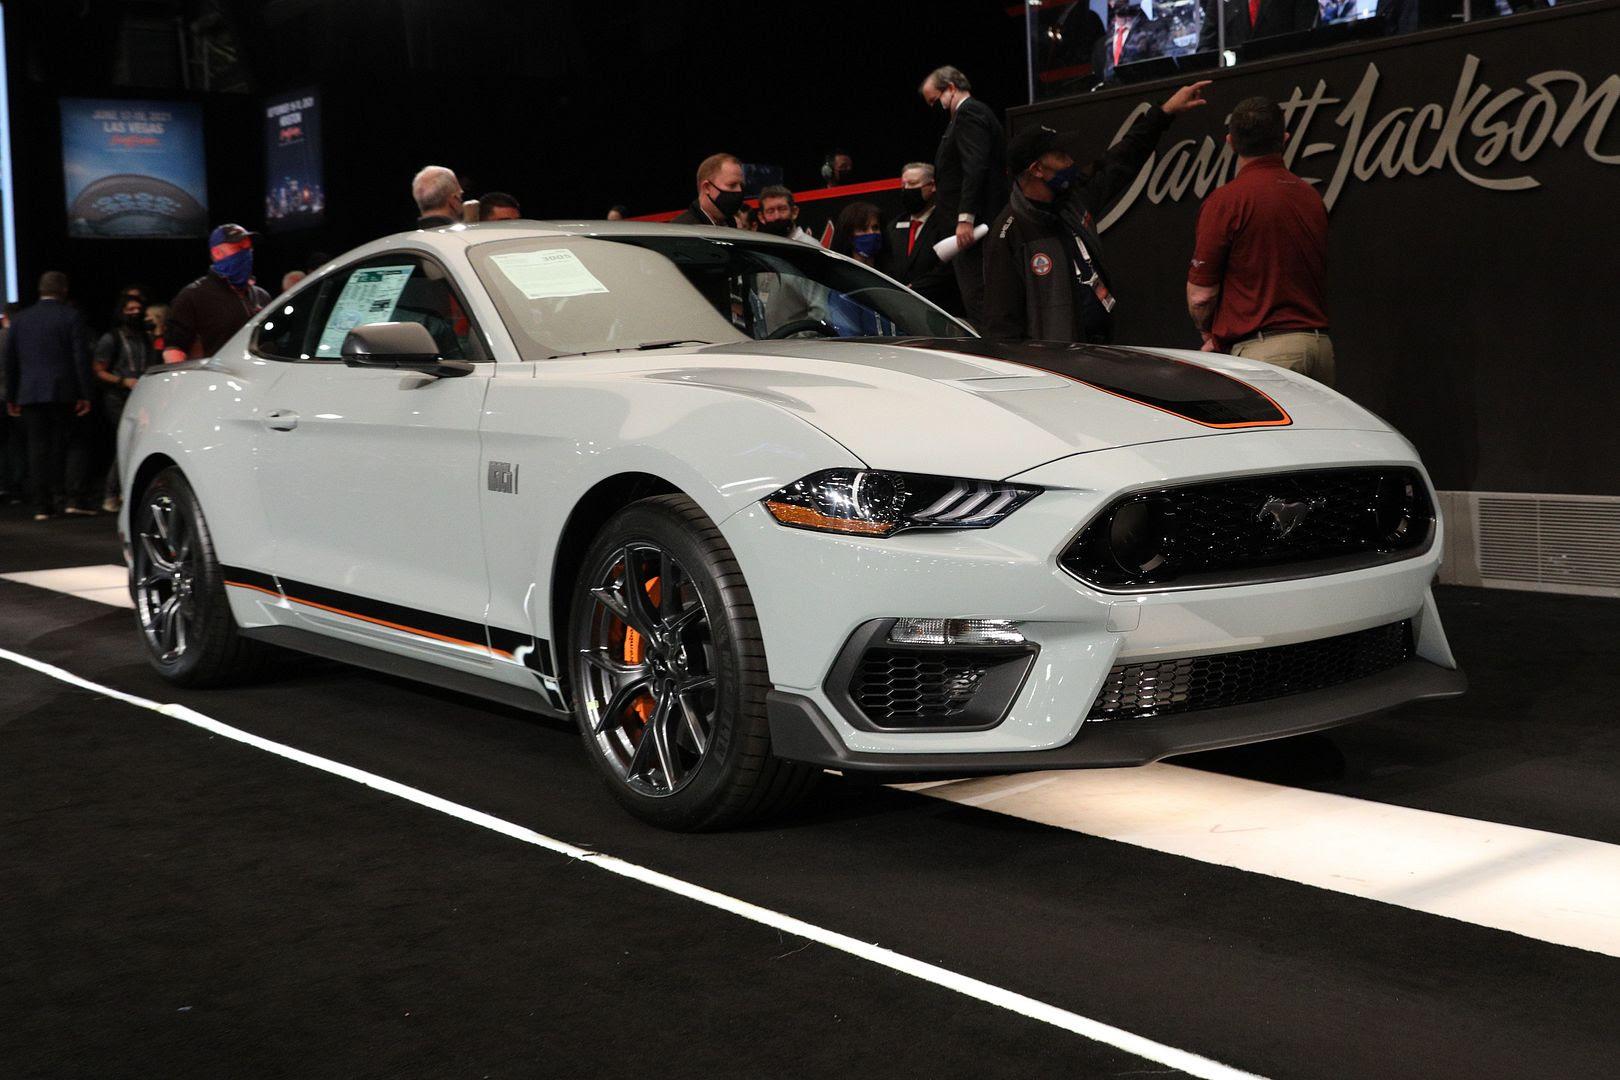 2021 Mustang Mach1 VIN 001 Barrett-Jackson